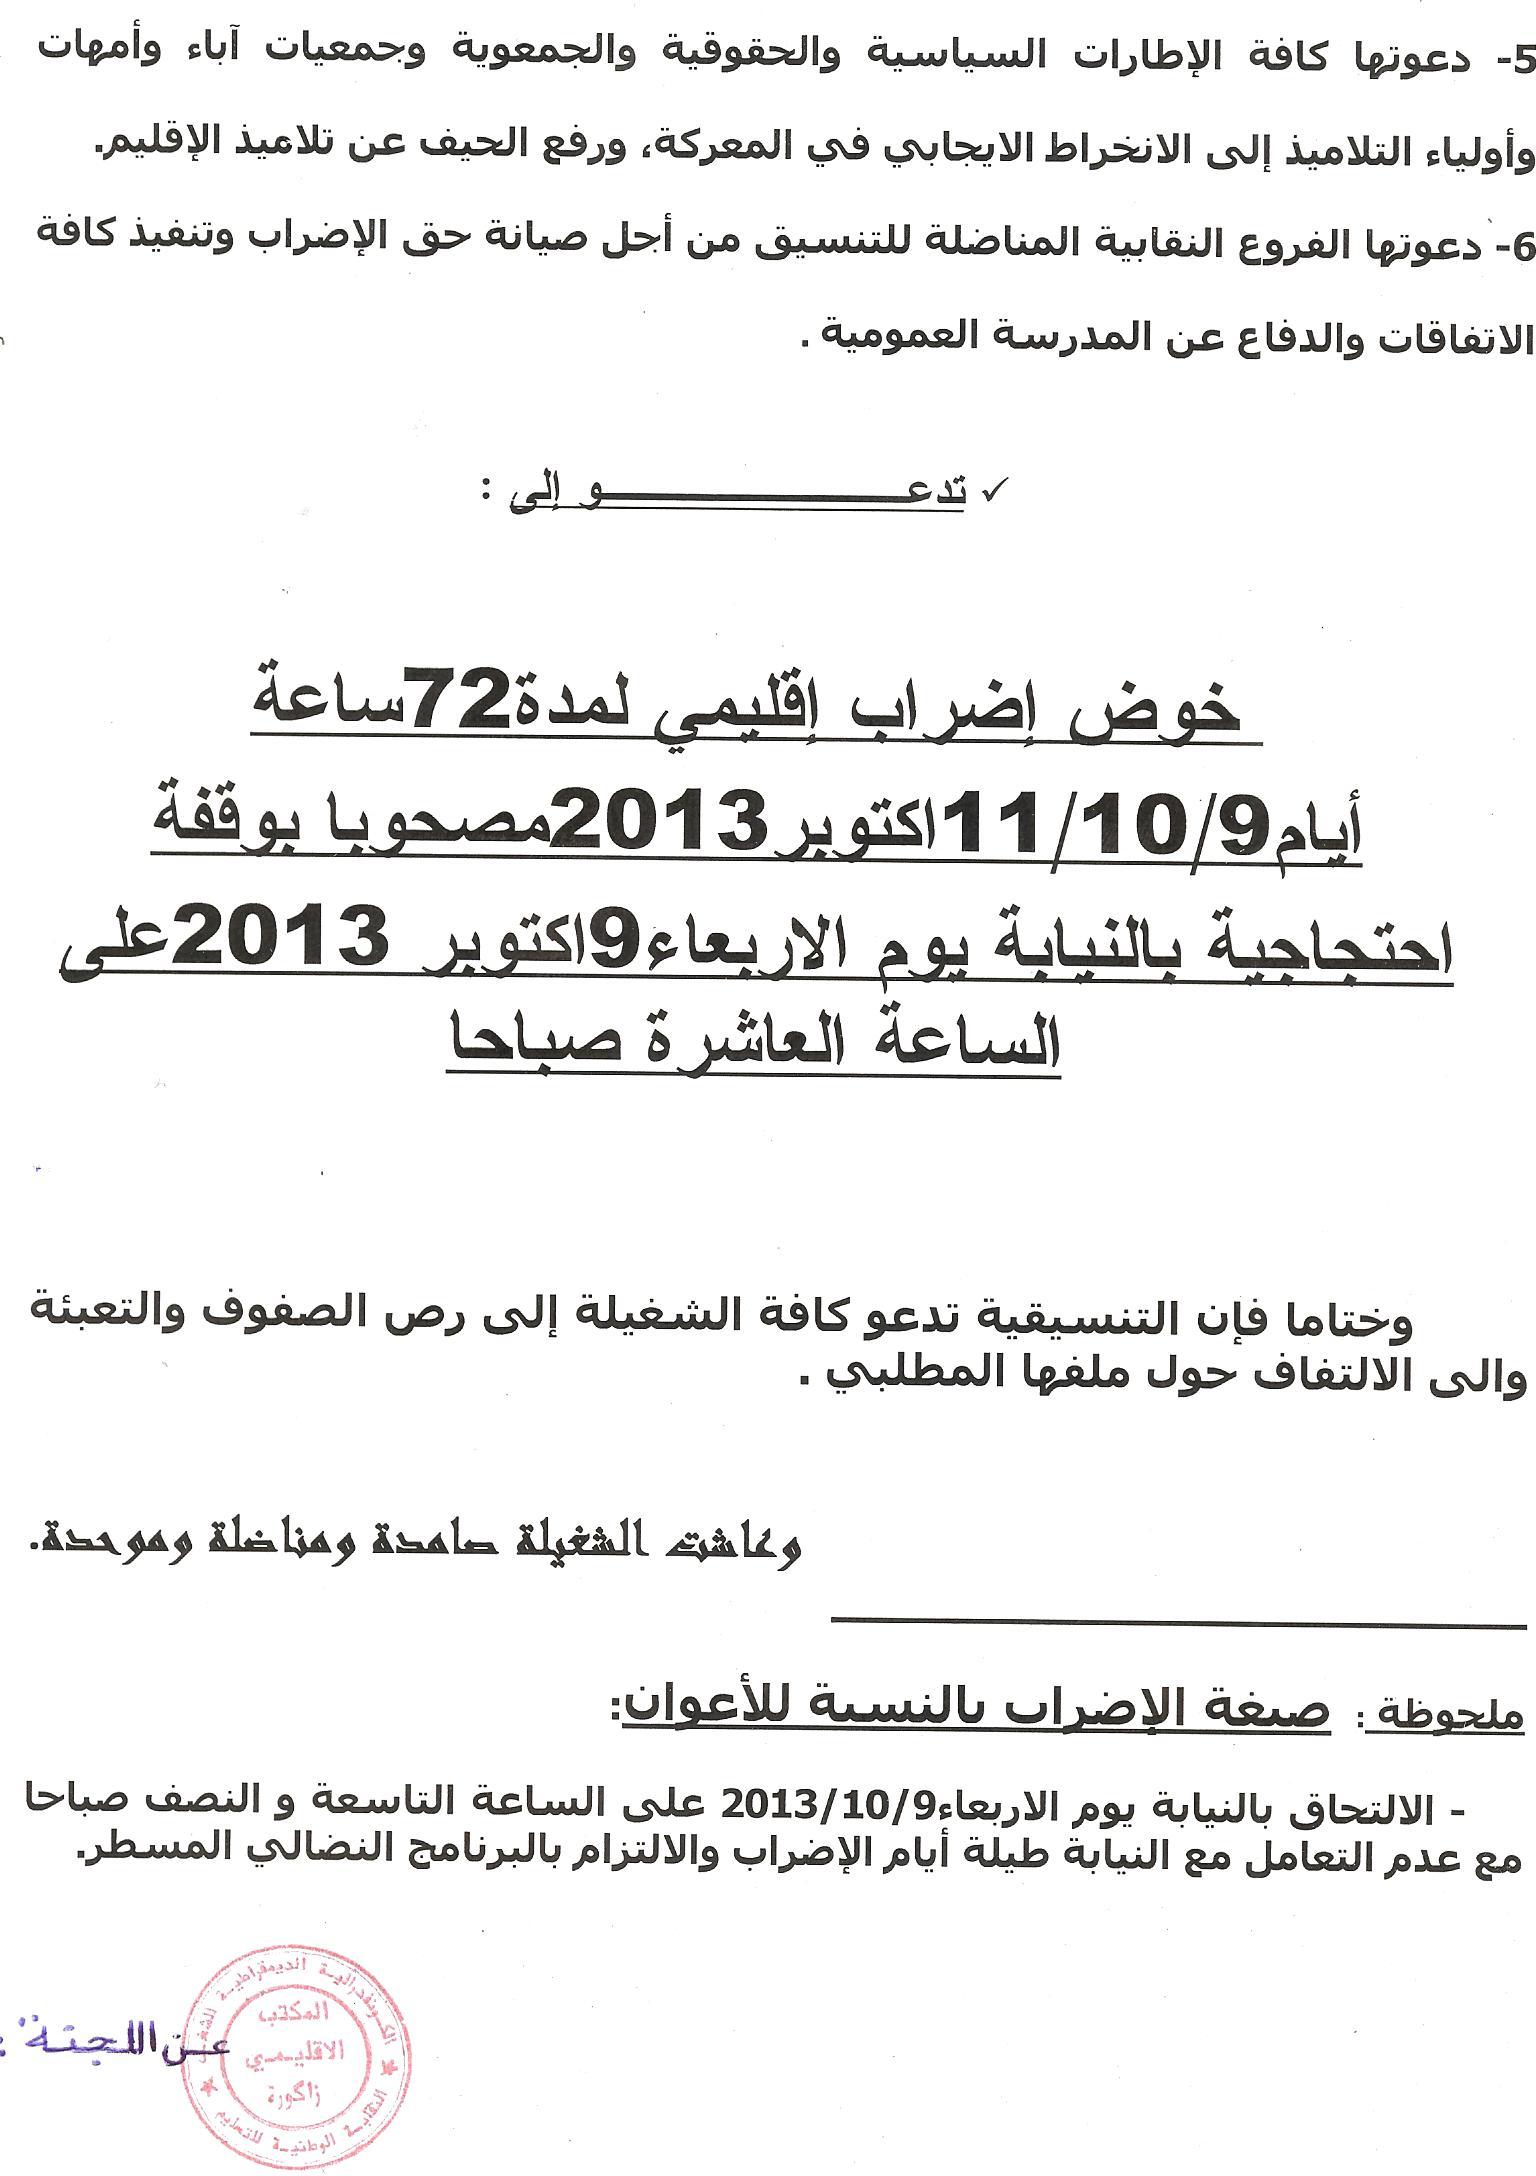 زاكورة: اعوان شركة sos/تارجيت يخوضون إضرابا لمدة 72 ساعة ووقفة إحتجاجية يوم الأربعاء 9 أكتوبر